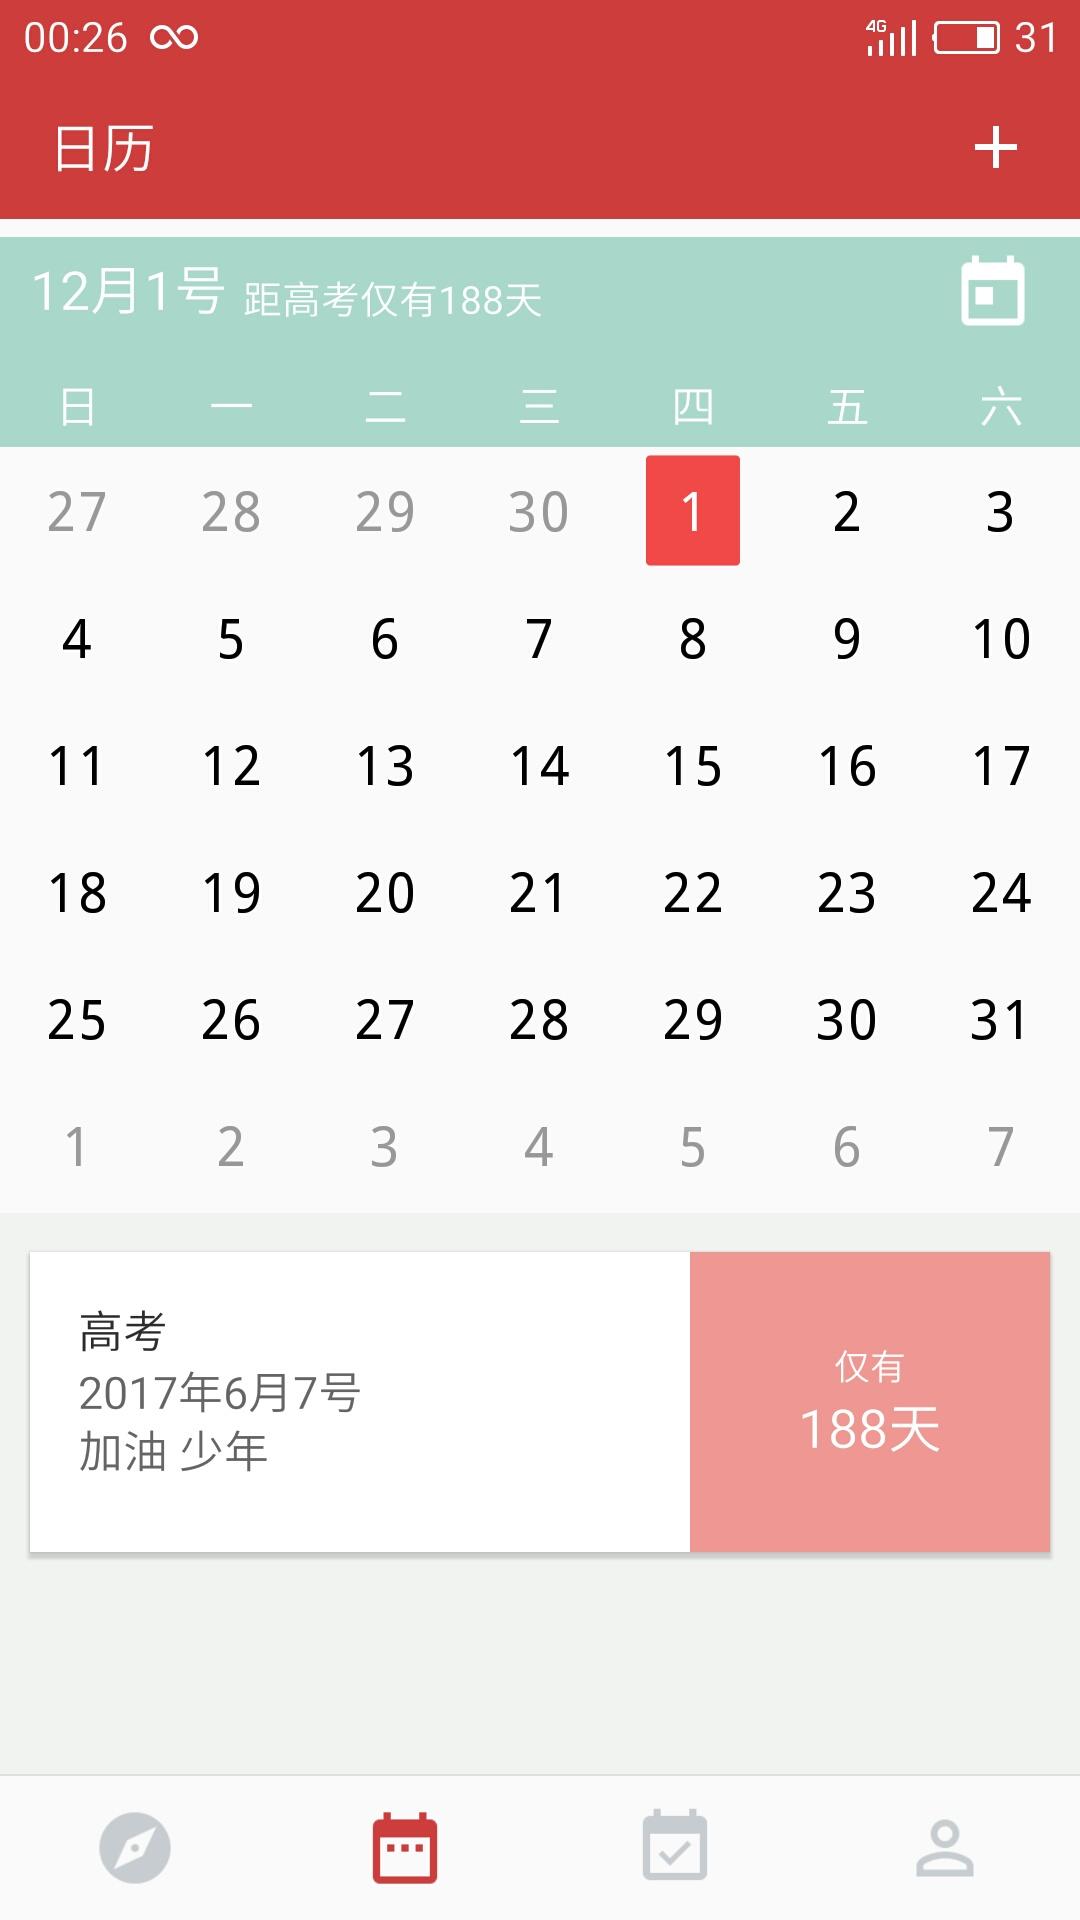 高考日历-桌面倒计时-应用截图